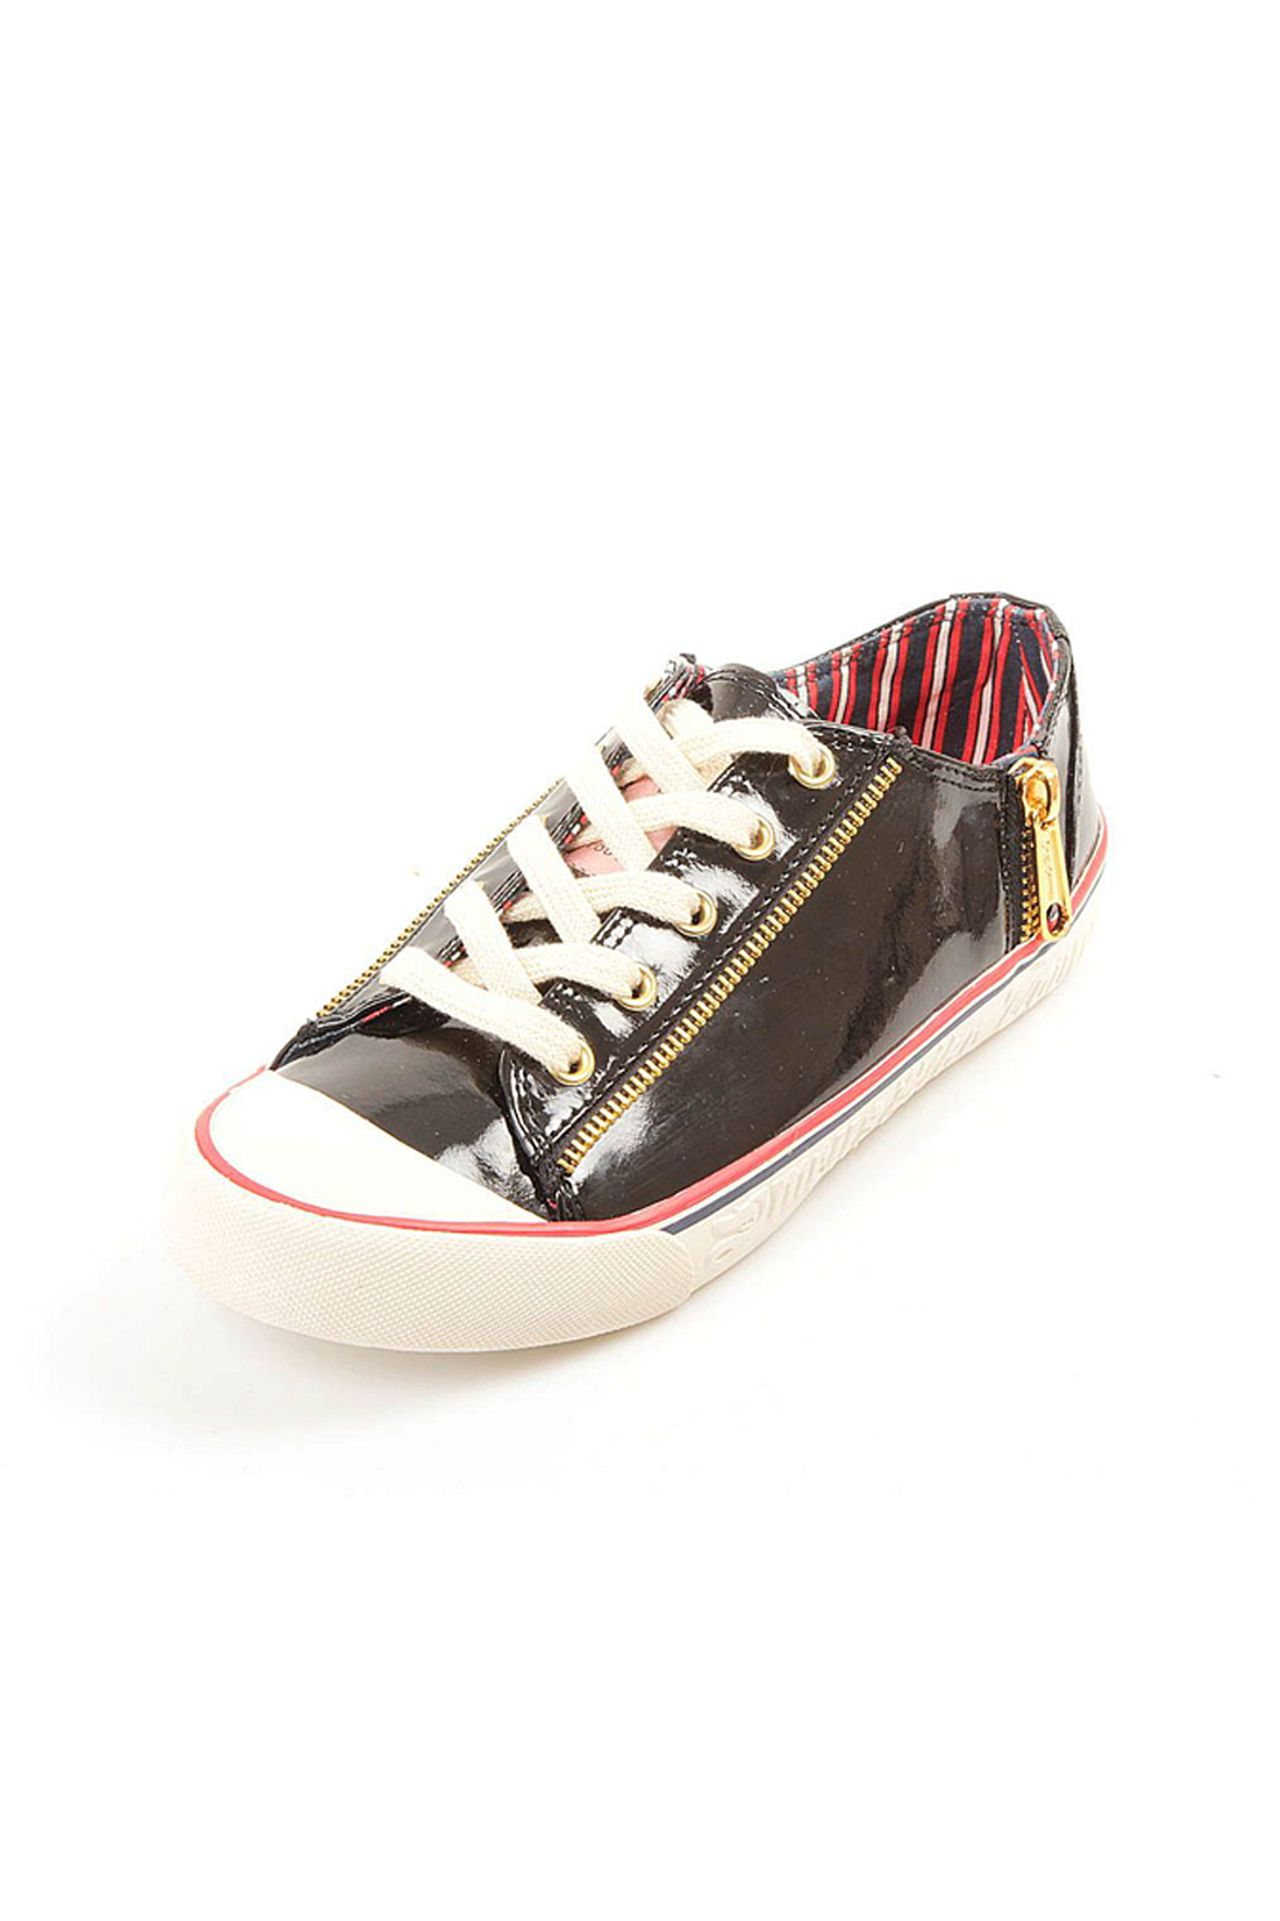 Кроссовки Juicy Couture hts74 черные замшевые кроссовки